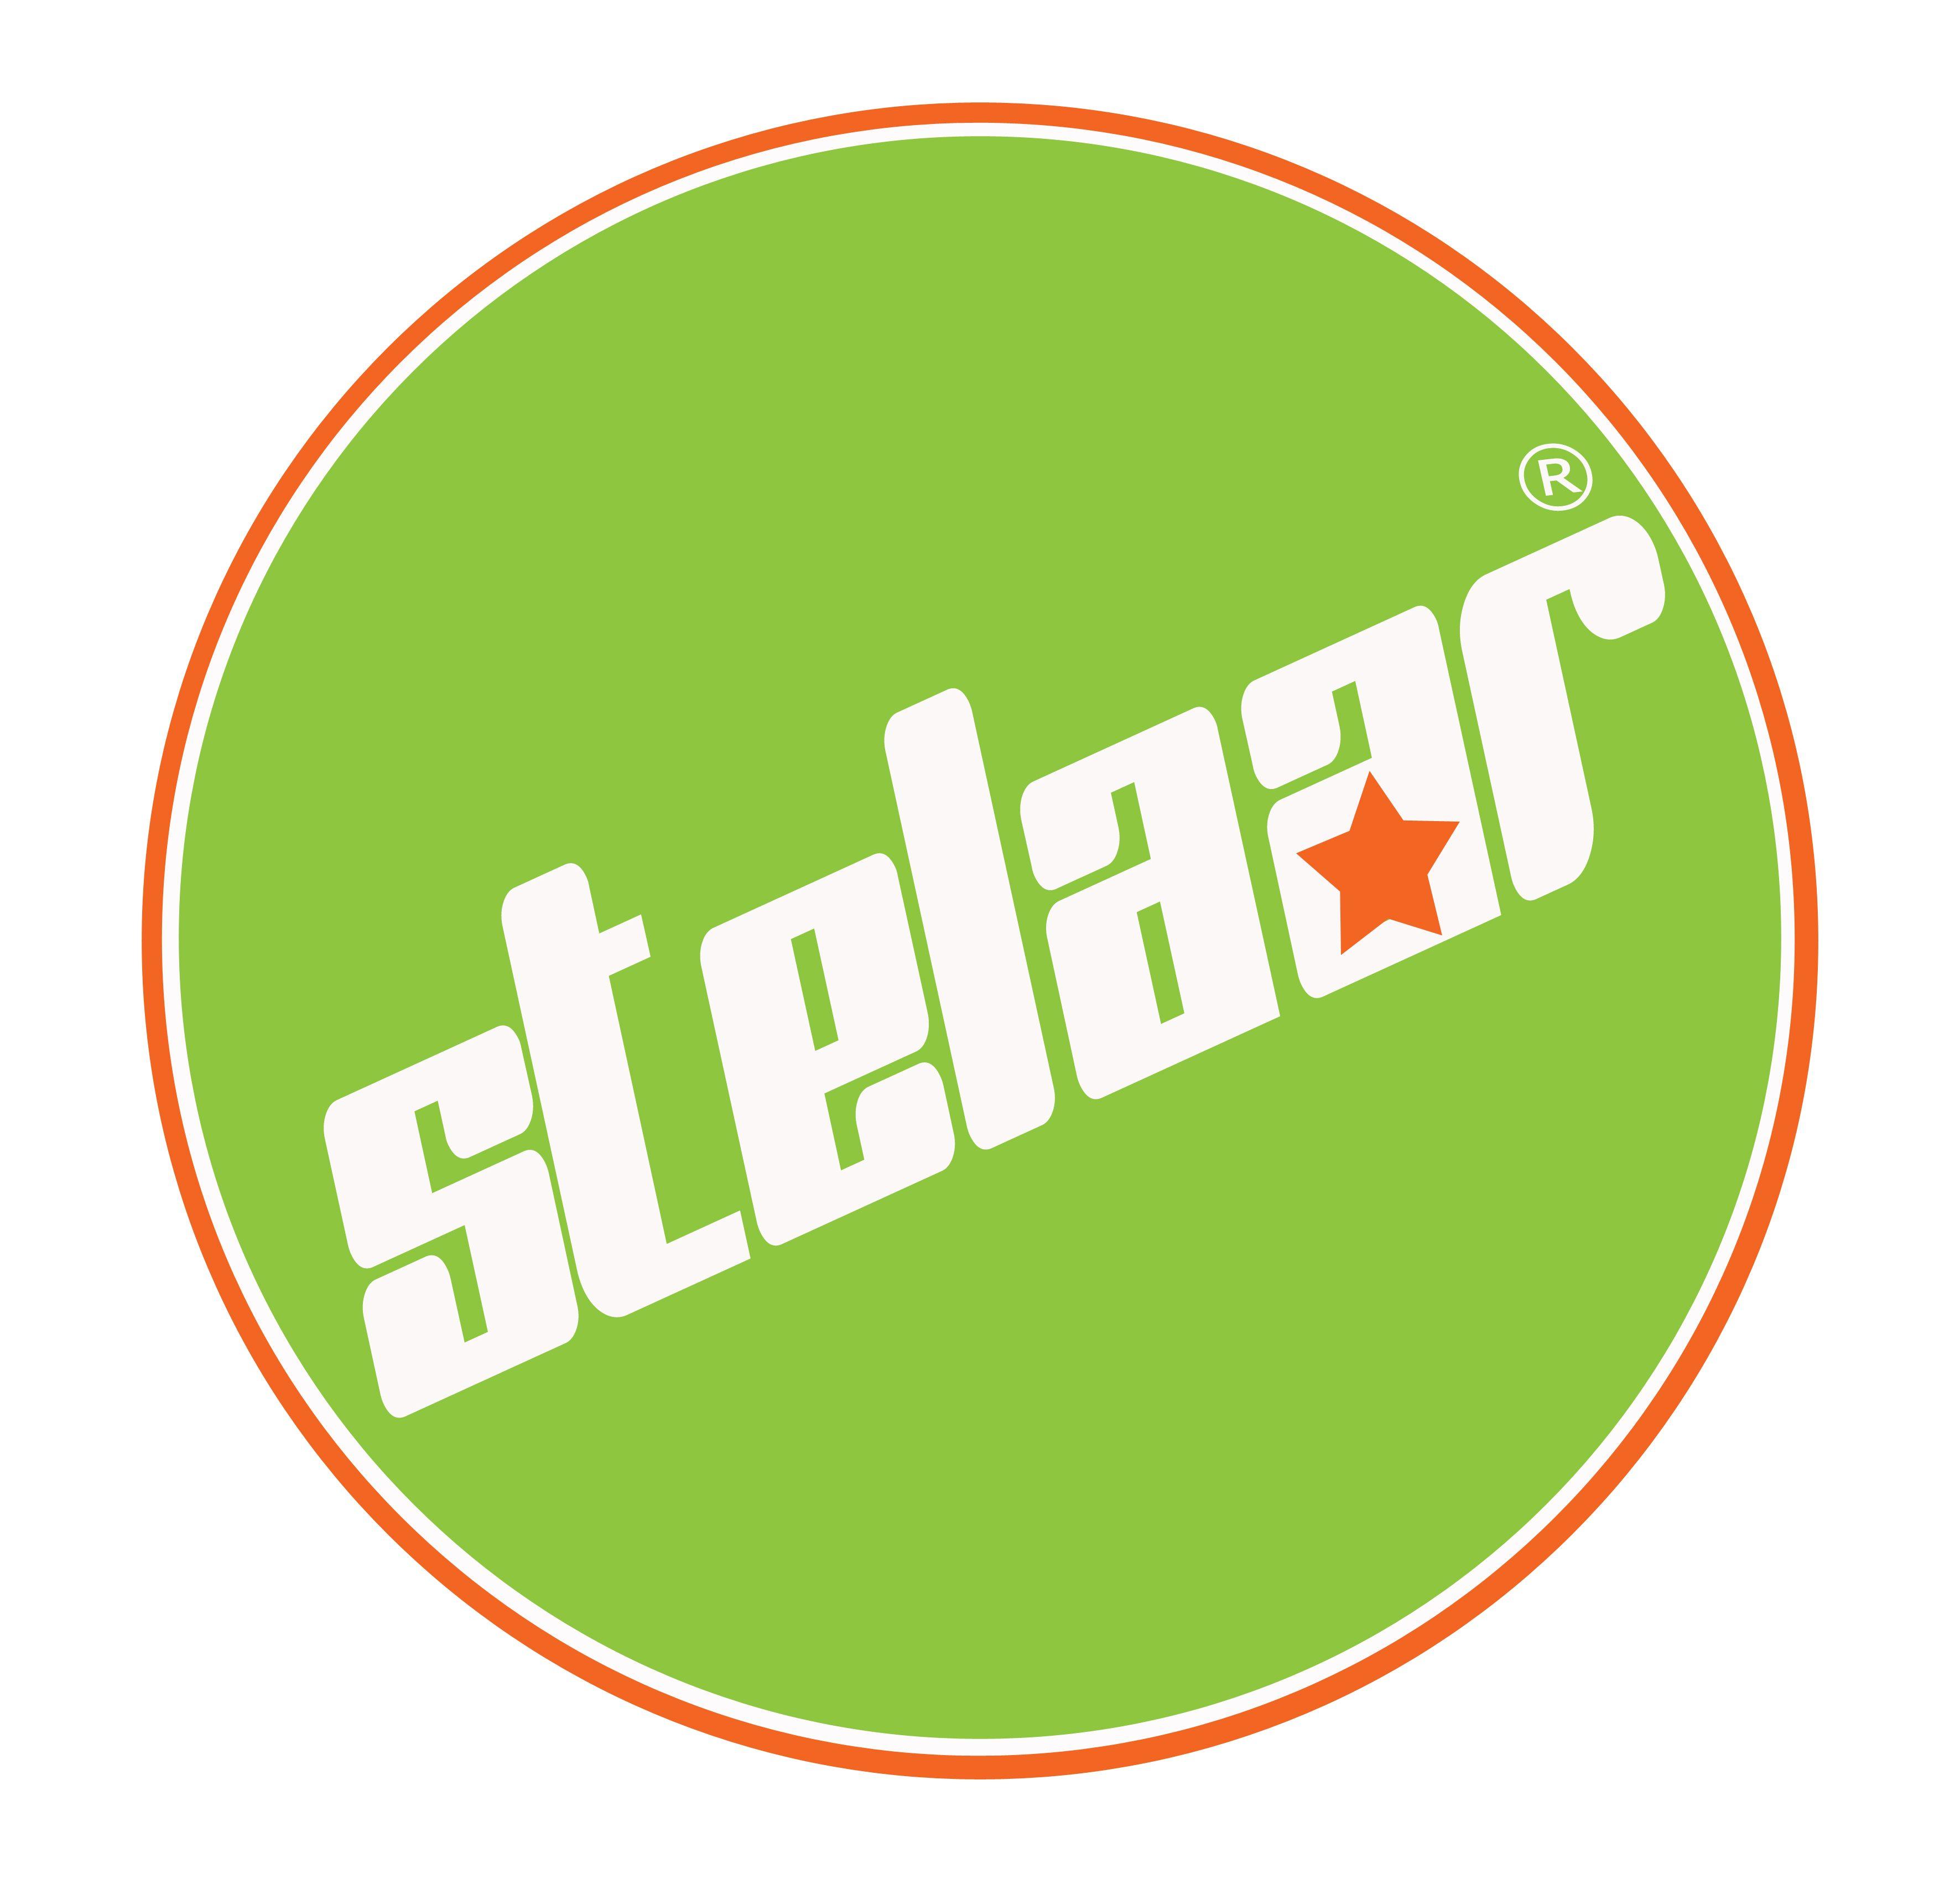 STELAAR pour Tou(te)s!